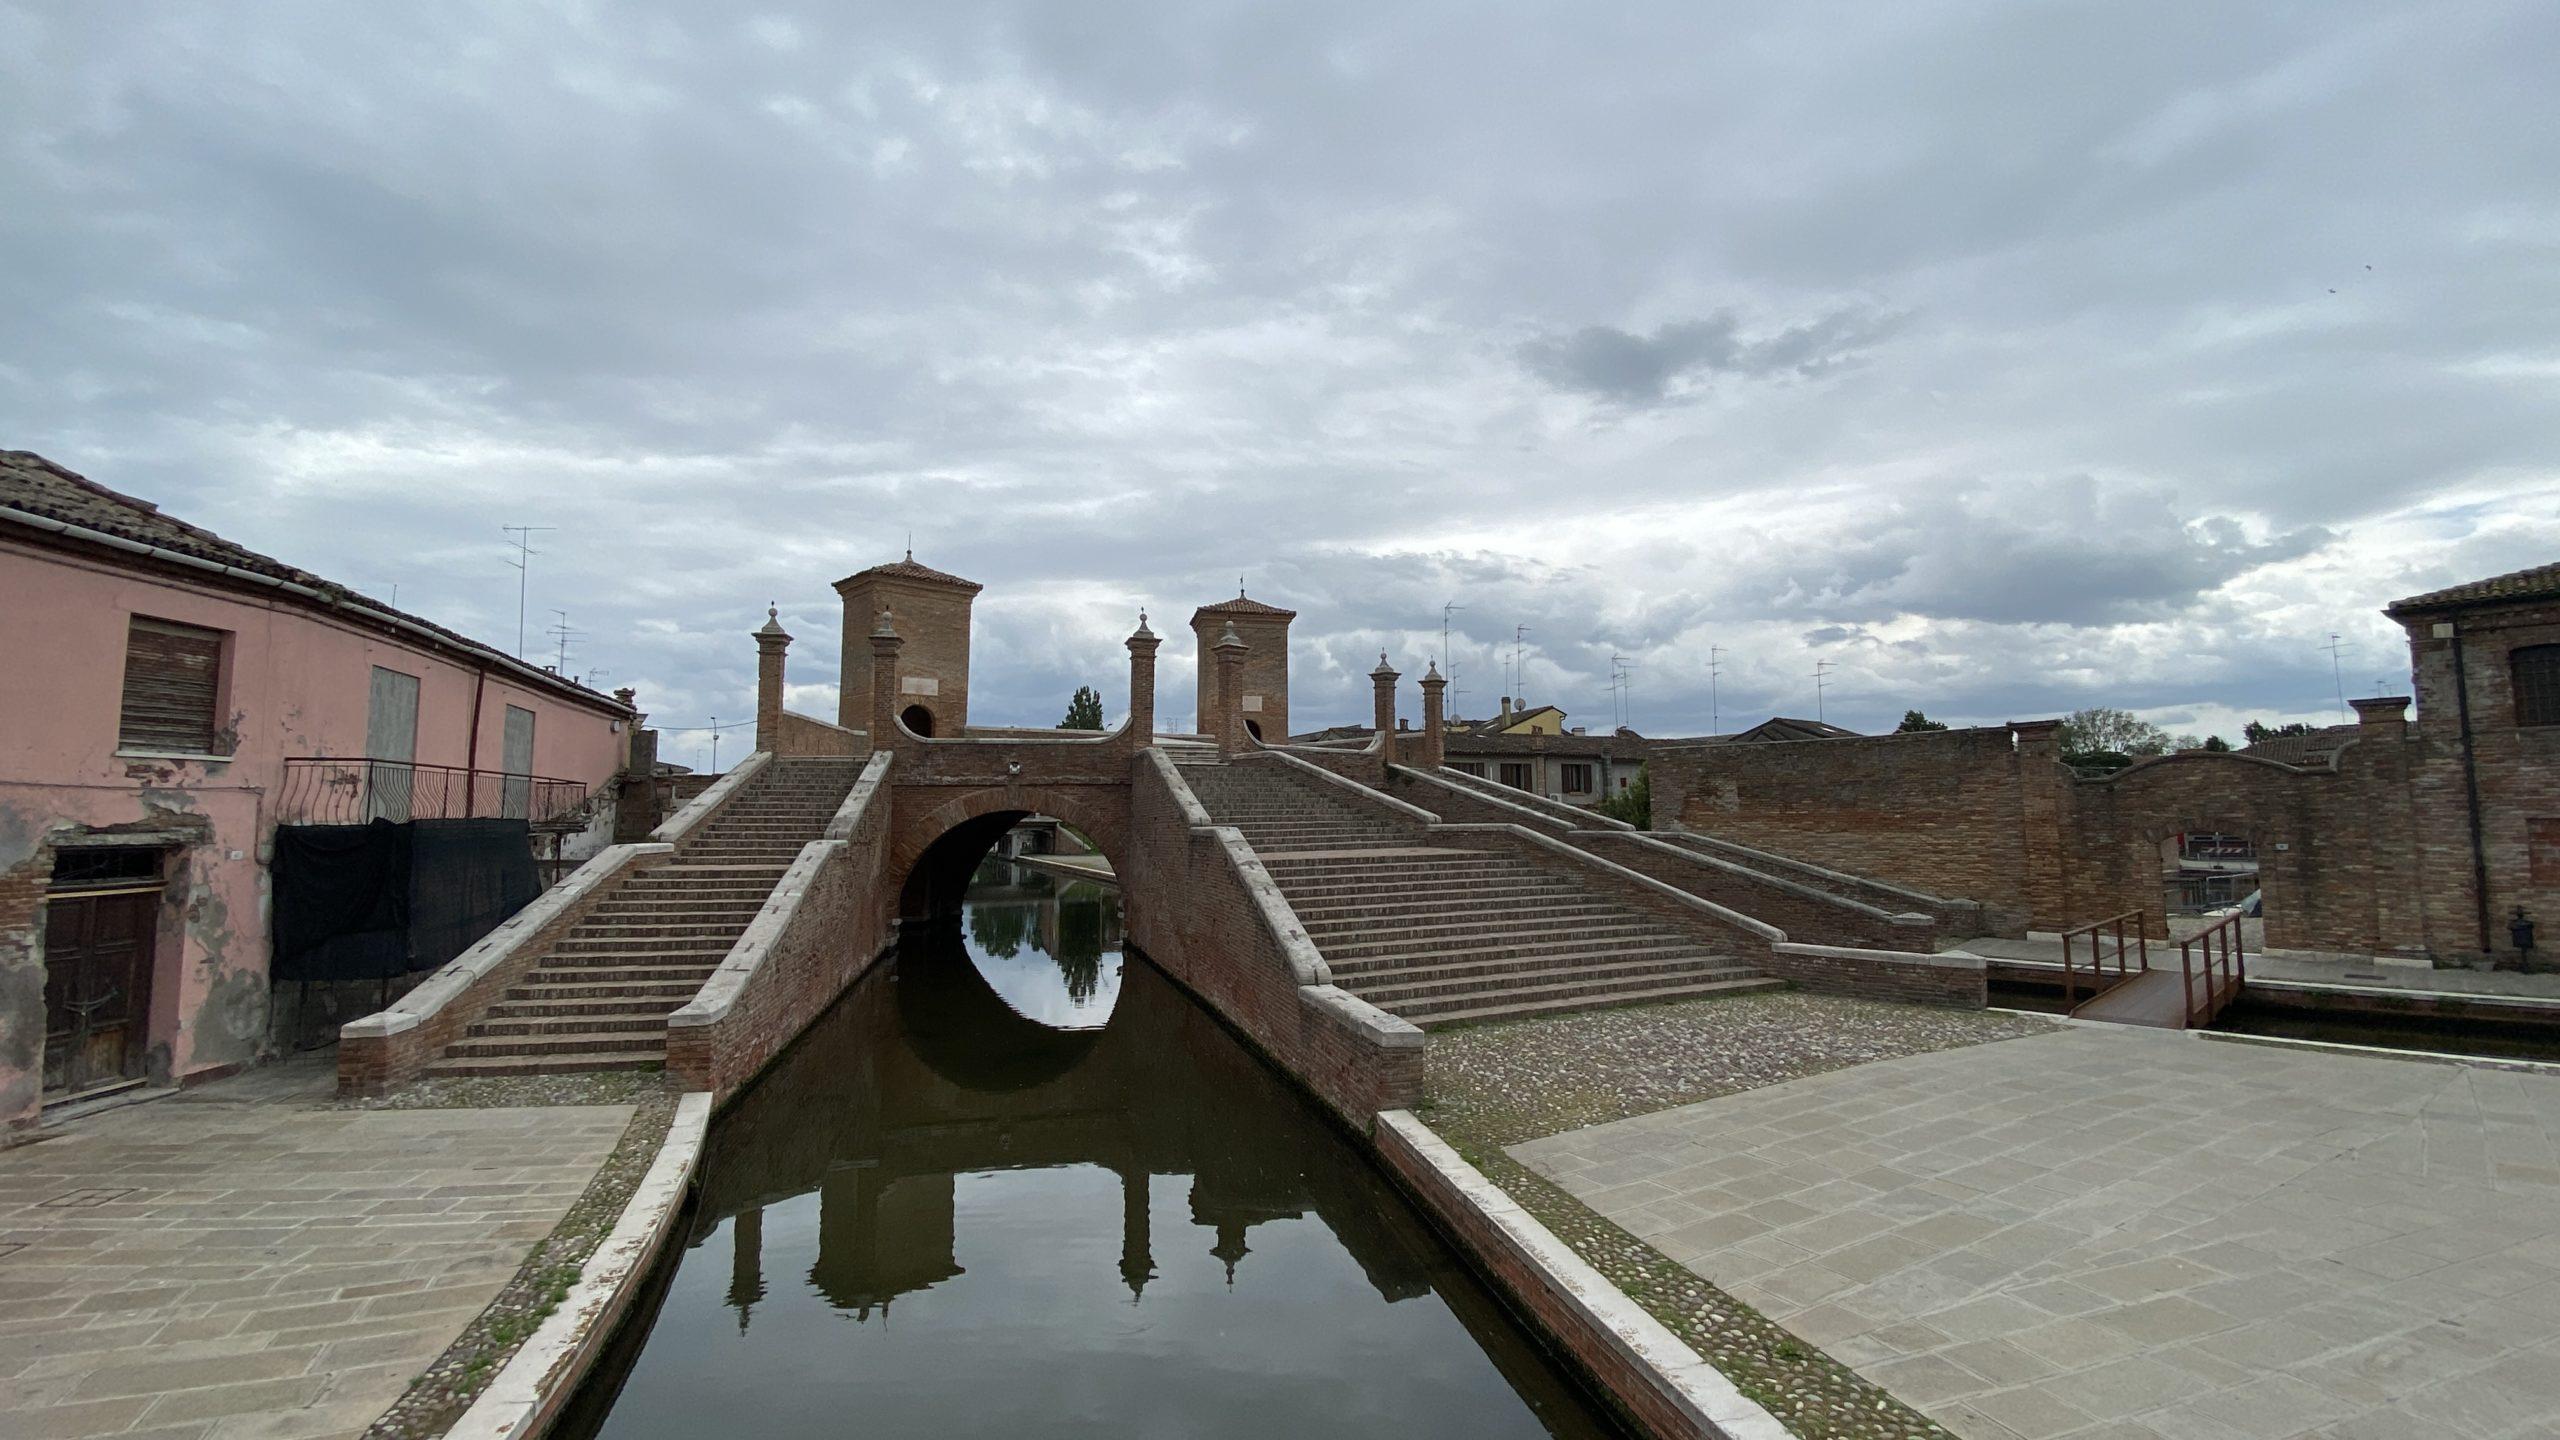 Comacchio, Delta del Po in bici, ciclabile del Po, Parco del delta del po, viaggiatore Lento, Lunga via dei fiumi, cicloturismo, viaggiare in bicicletta, vacanze in bici, veneto, bikepacking,